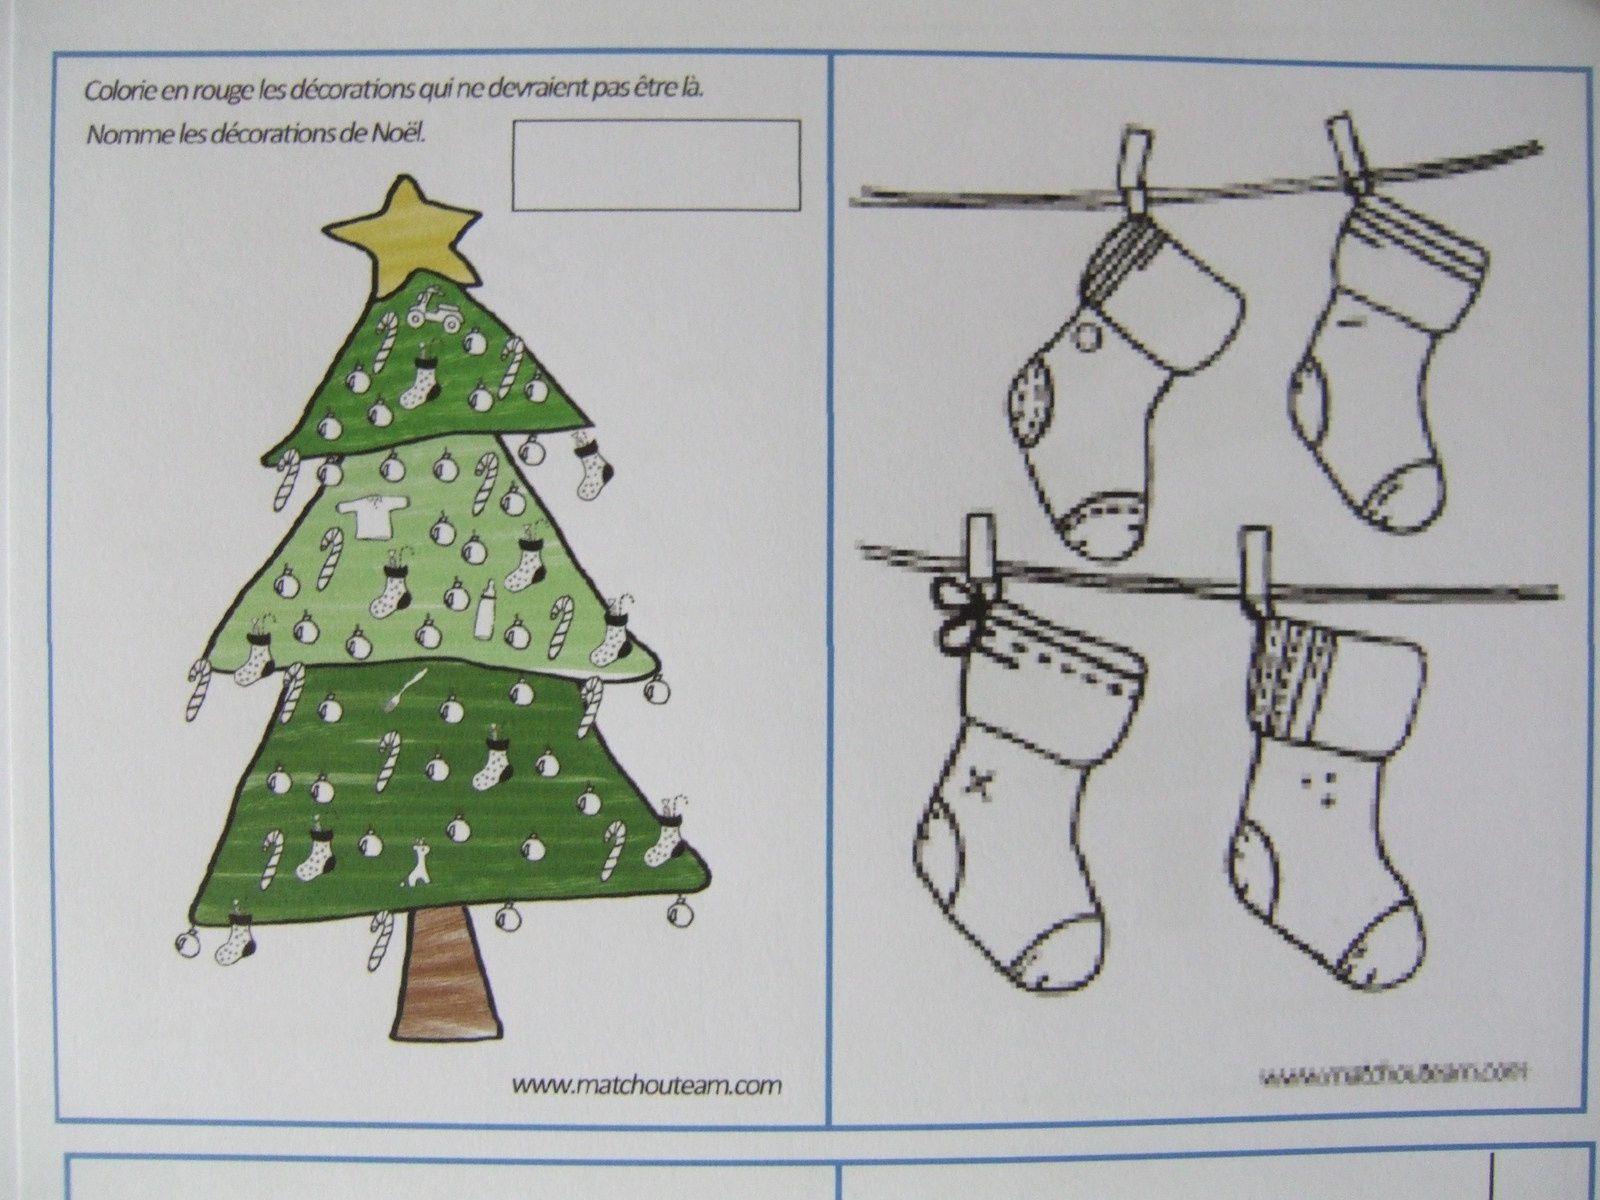 Fiches d'activités et idées pour préparer Noël